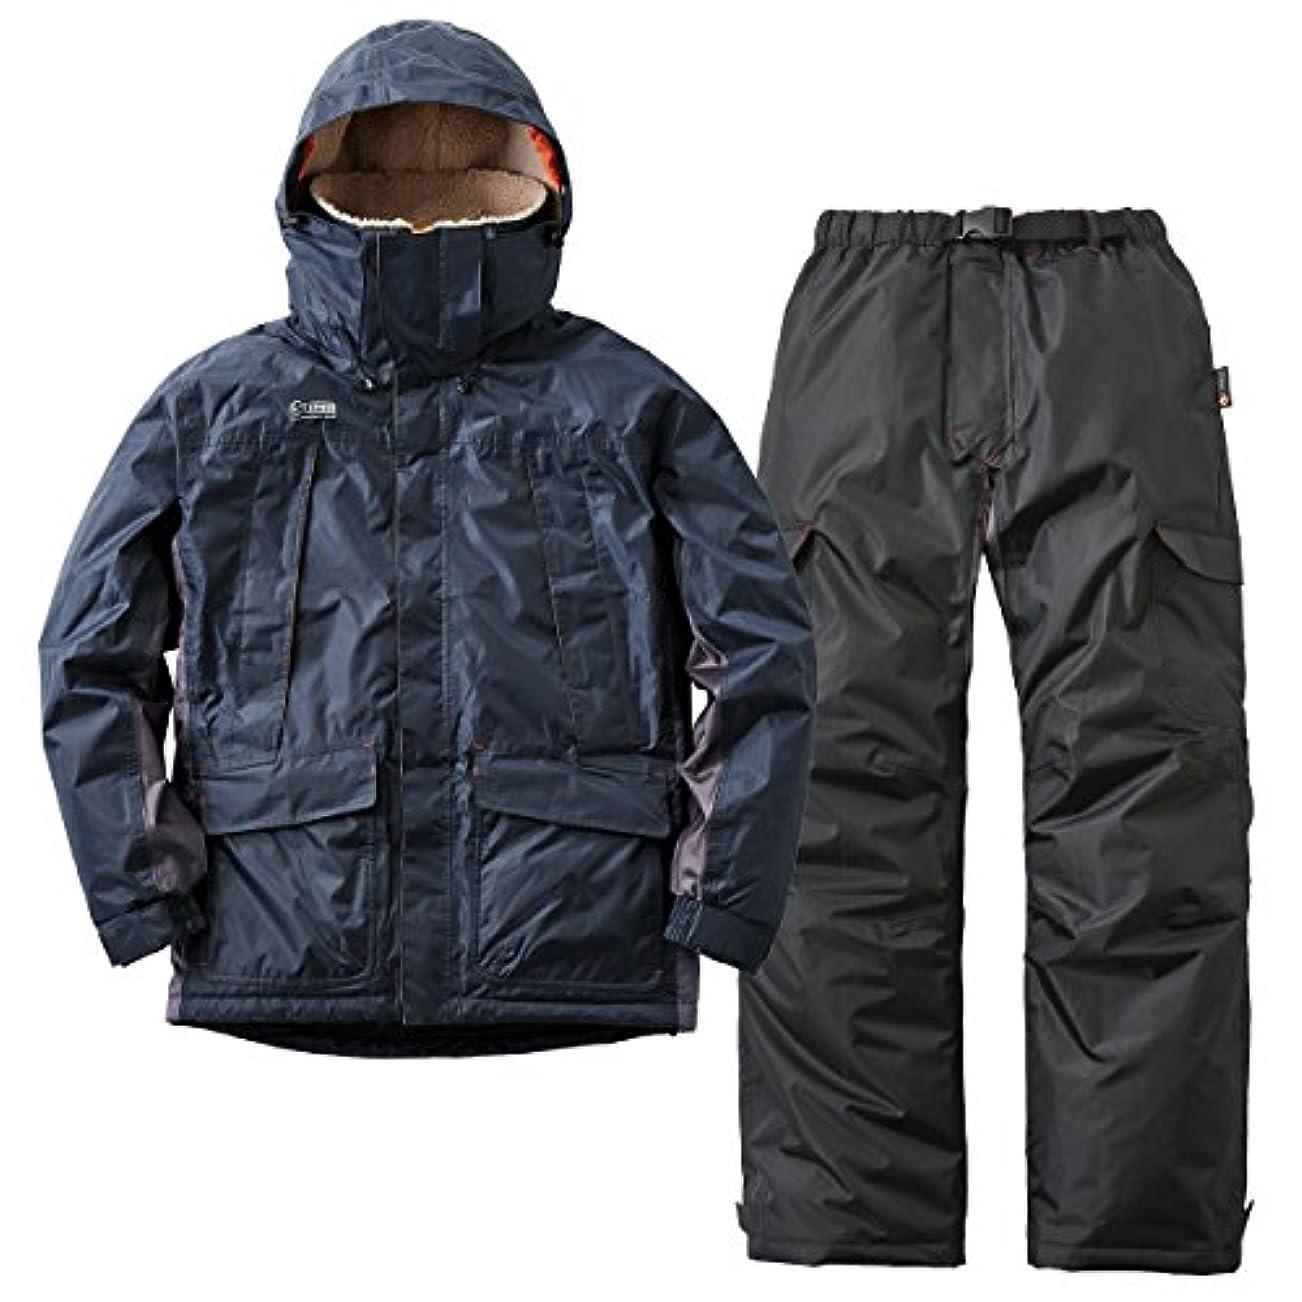 懐疑論ドラフト建築リプナー(LIPNER) 動作快適防水防寒スーツ カーティス